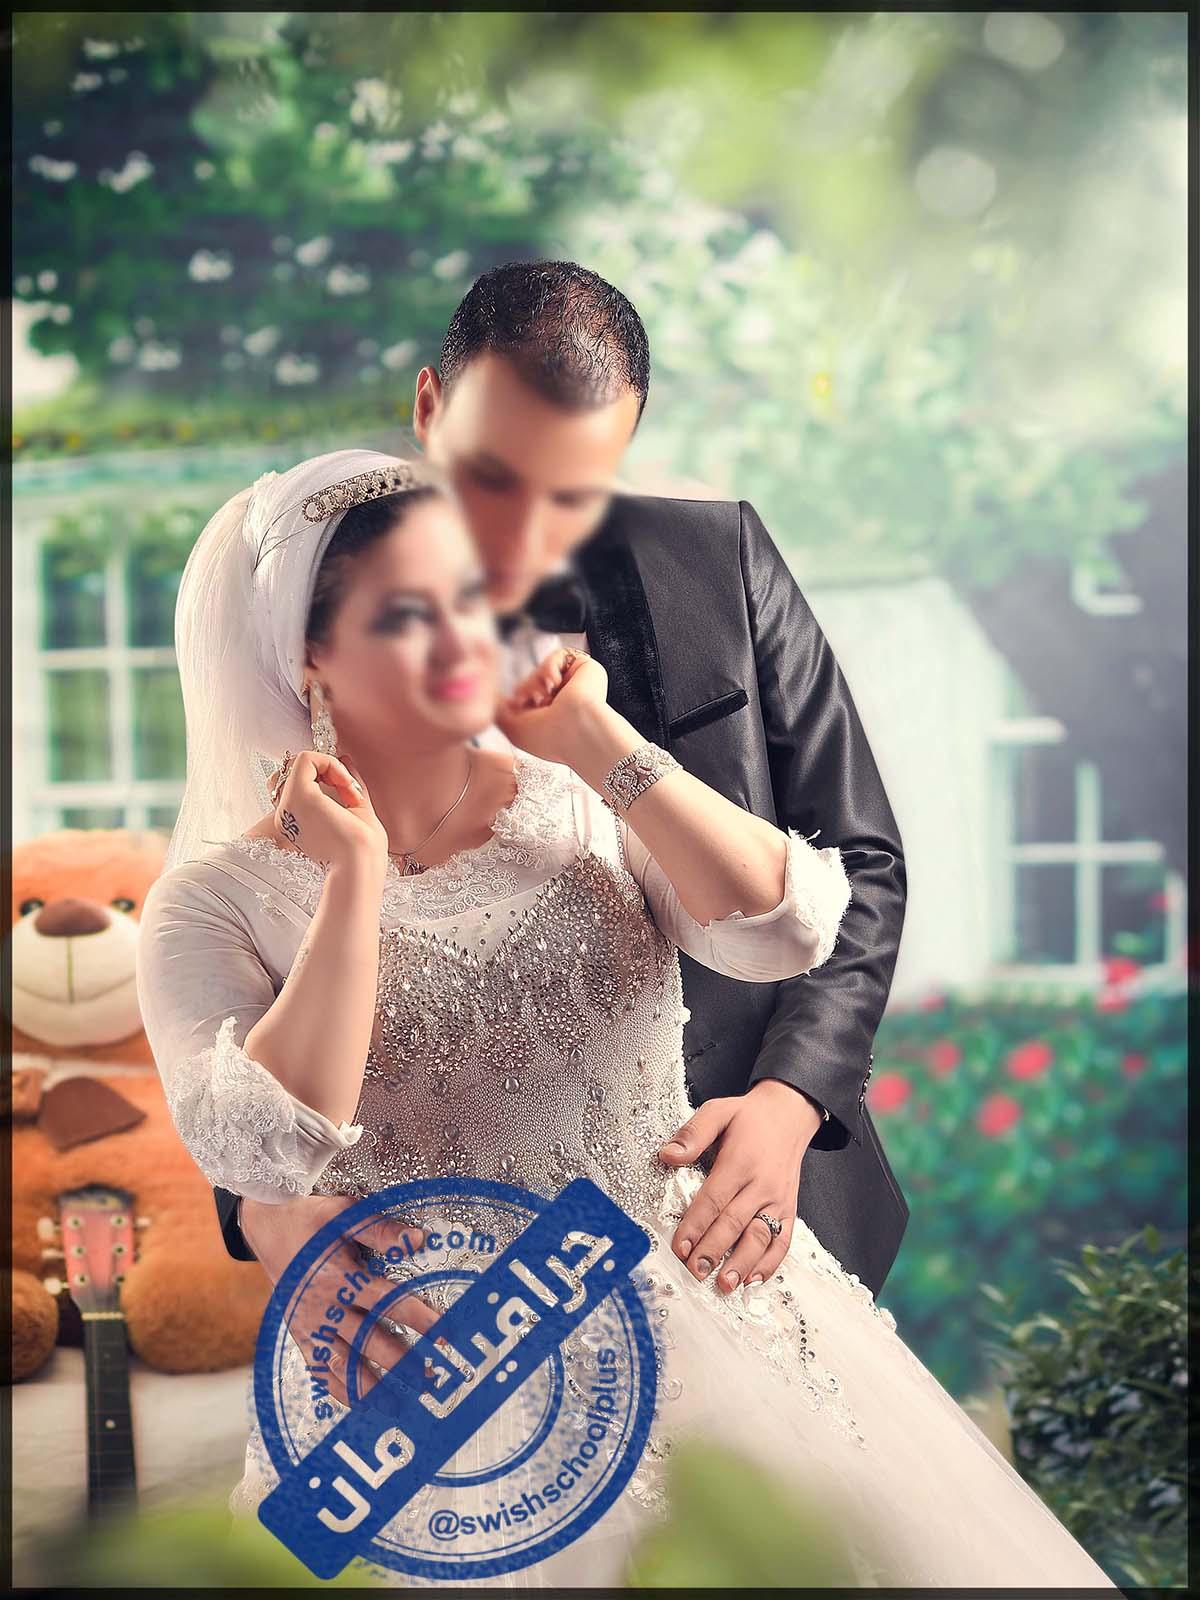 خلفيات عرائس رومانسيه 2 psd 5 خلفيات عرايس رومانسيه psd للزفاف الجزء الثاني